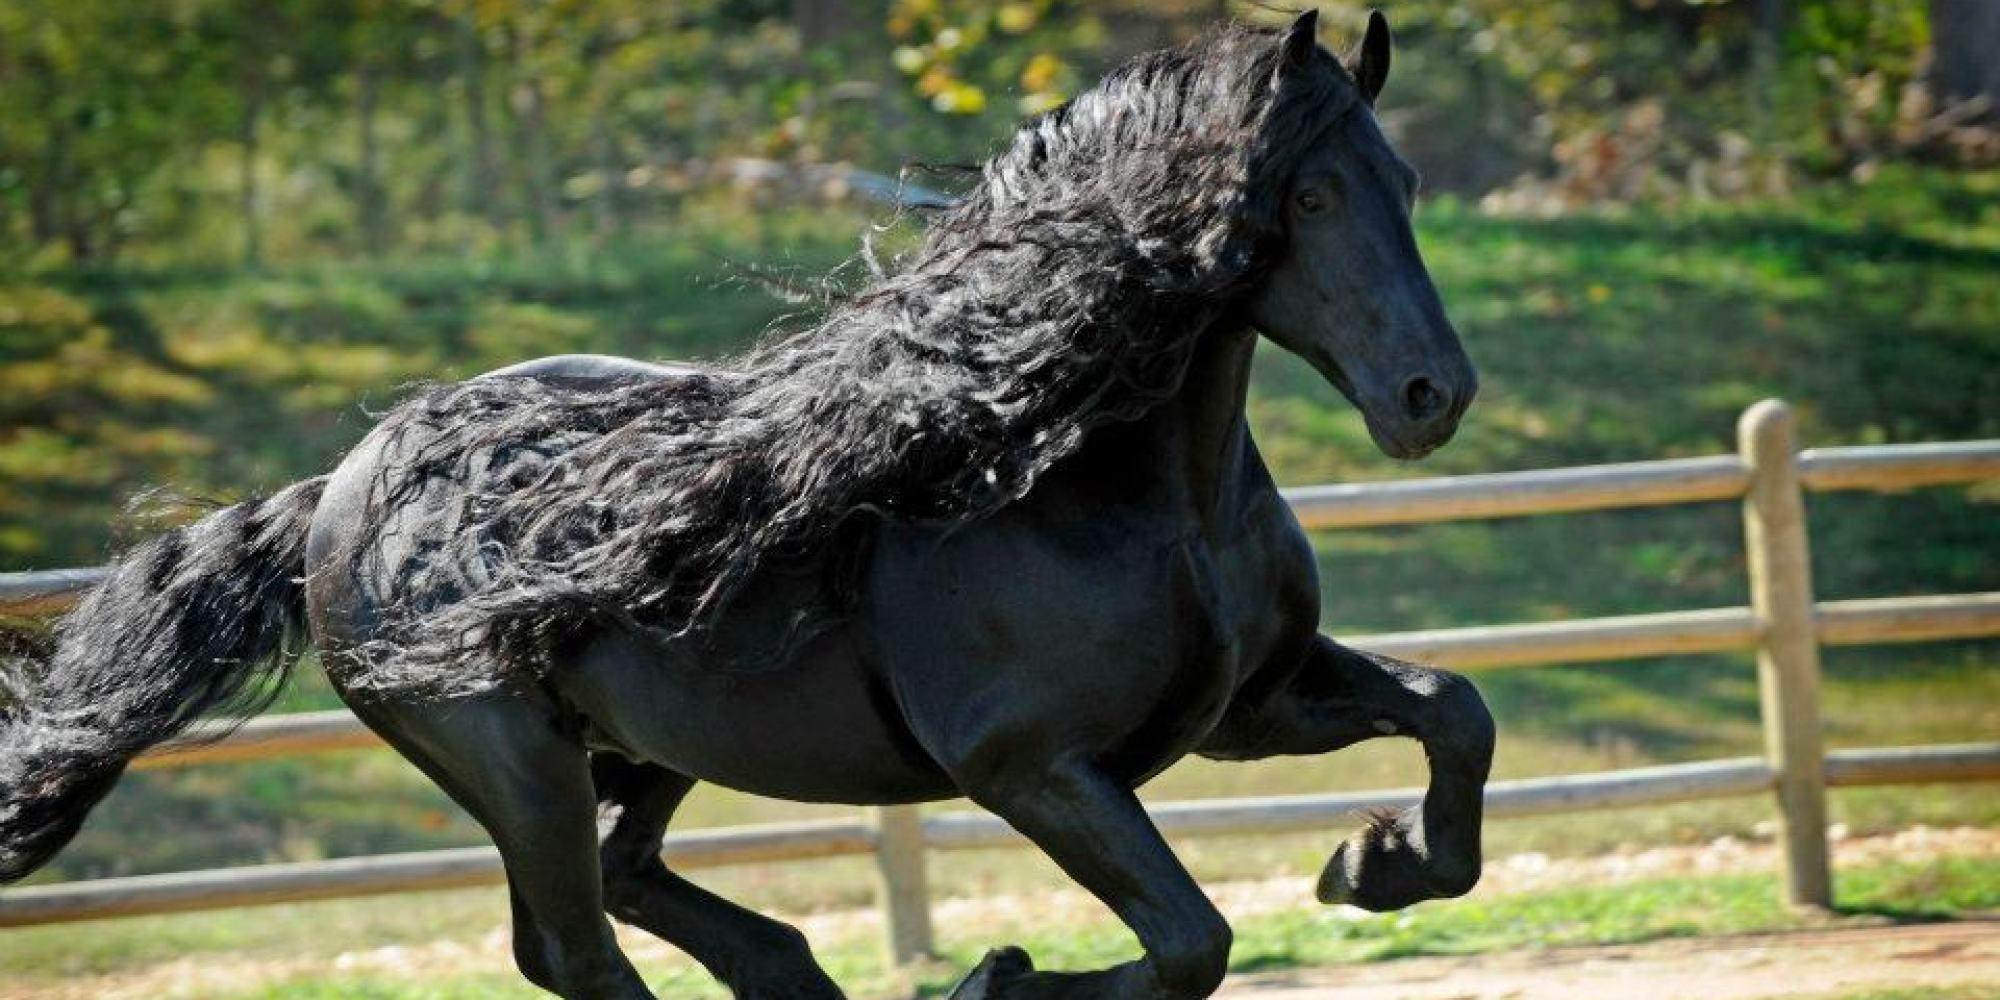 ce cheval a s rement la plus belle crini re du monde images. Black Bedroom Furniture Sets. Home Design Ideas